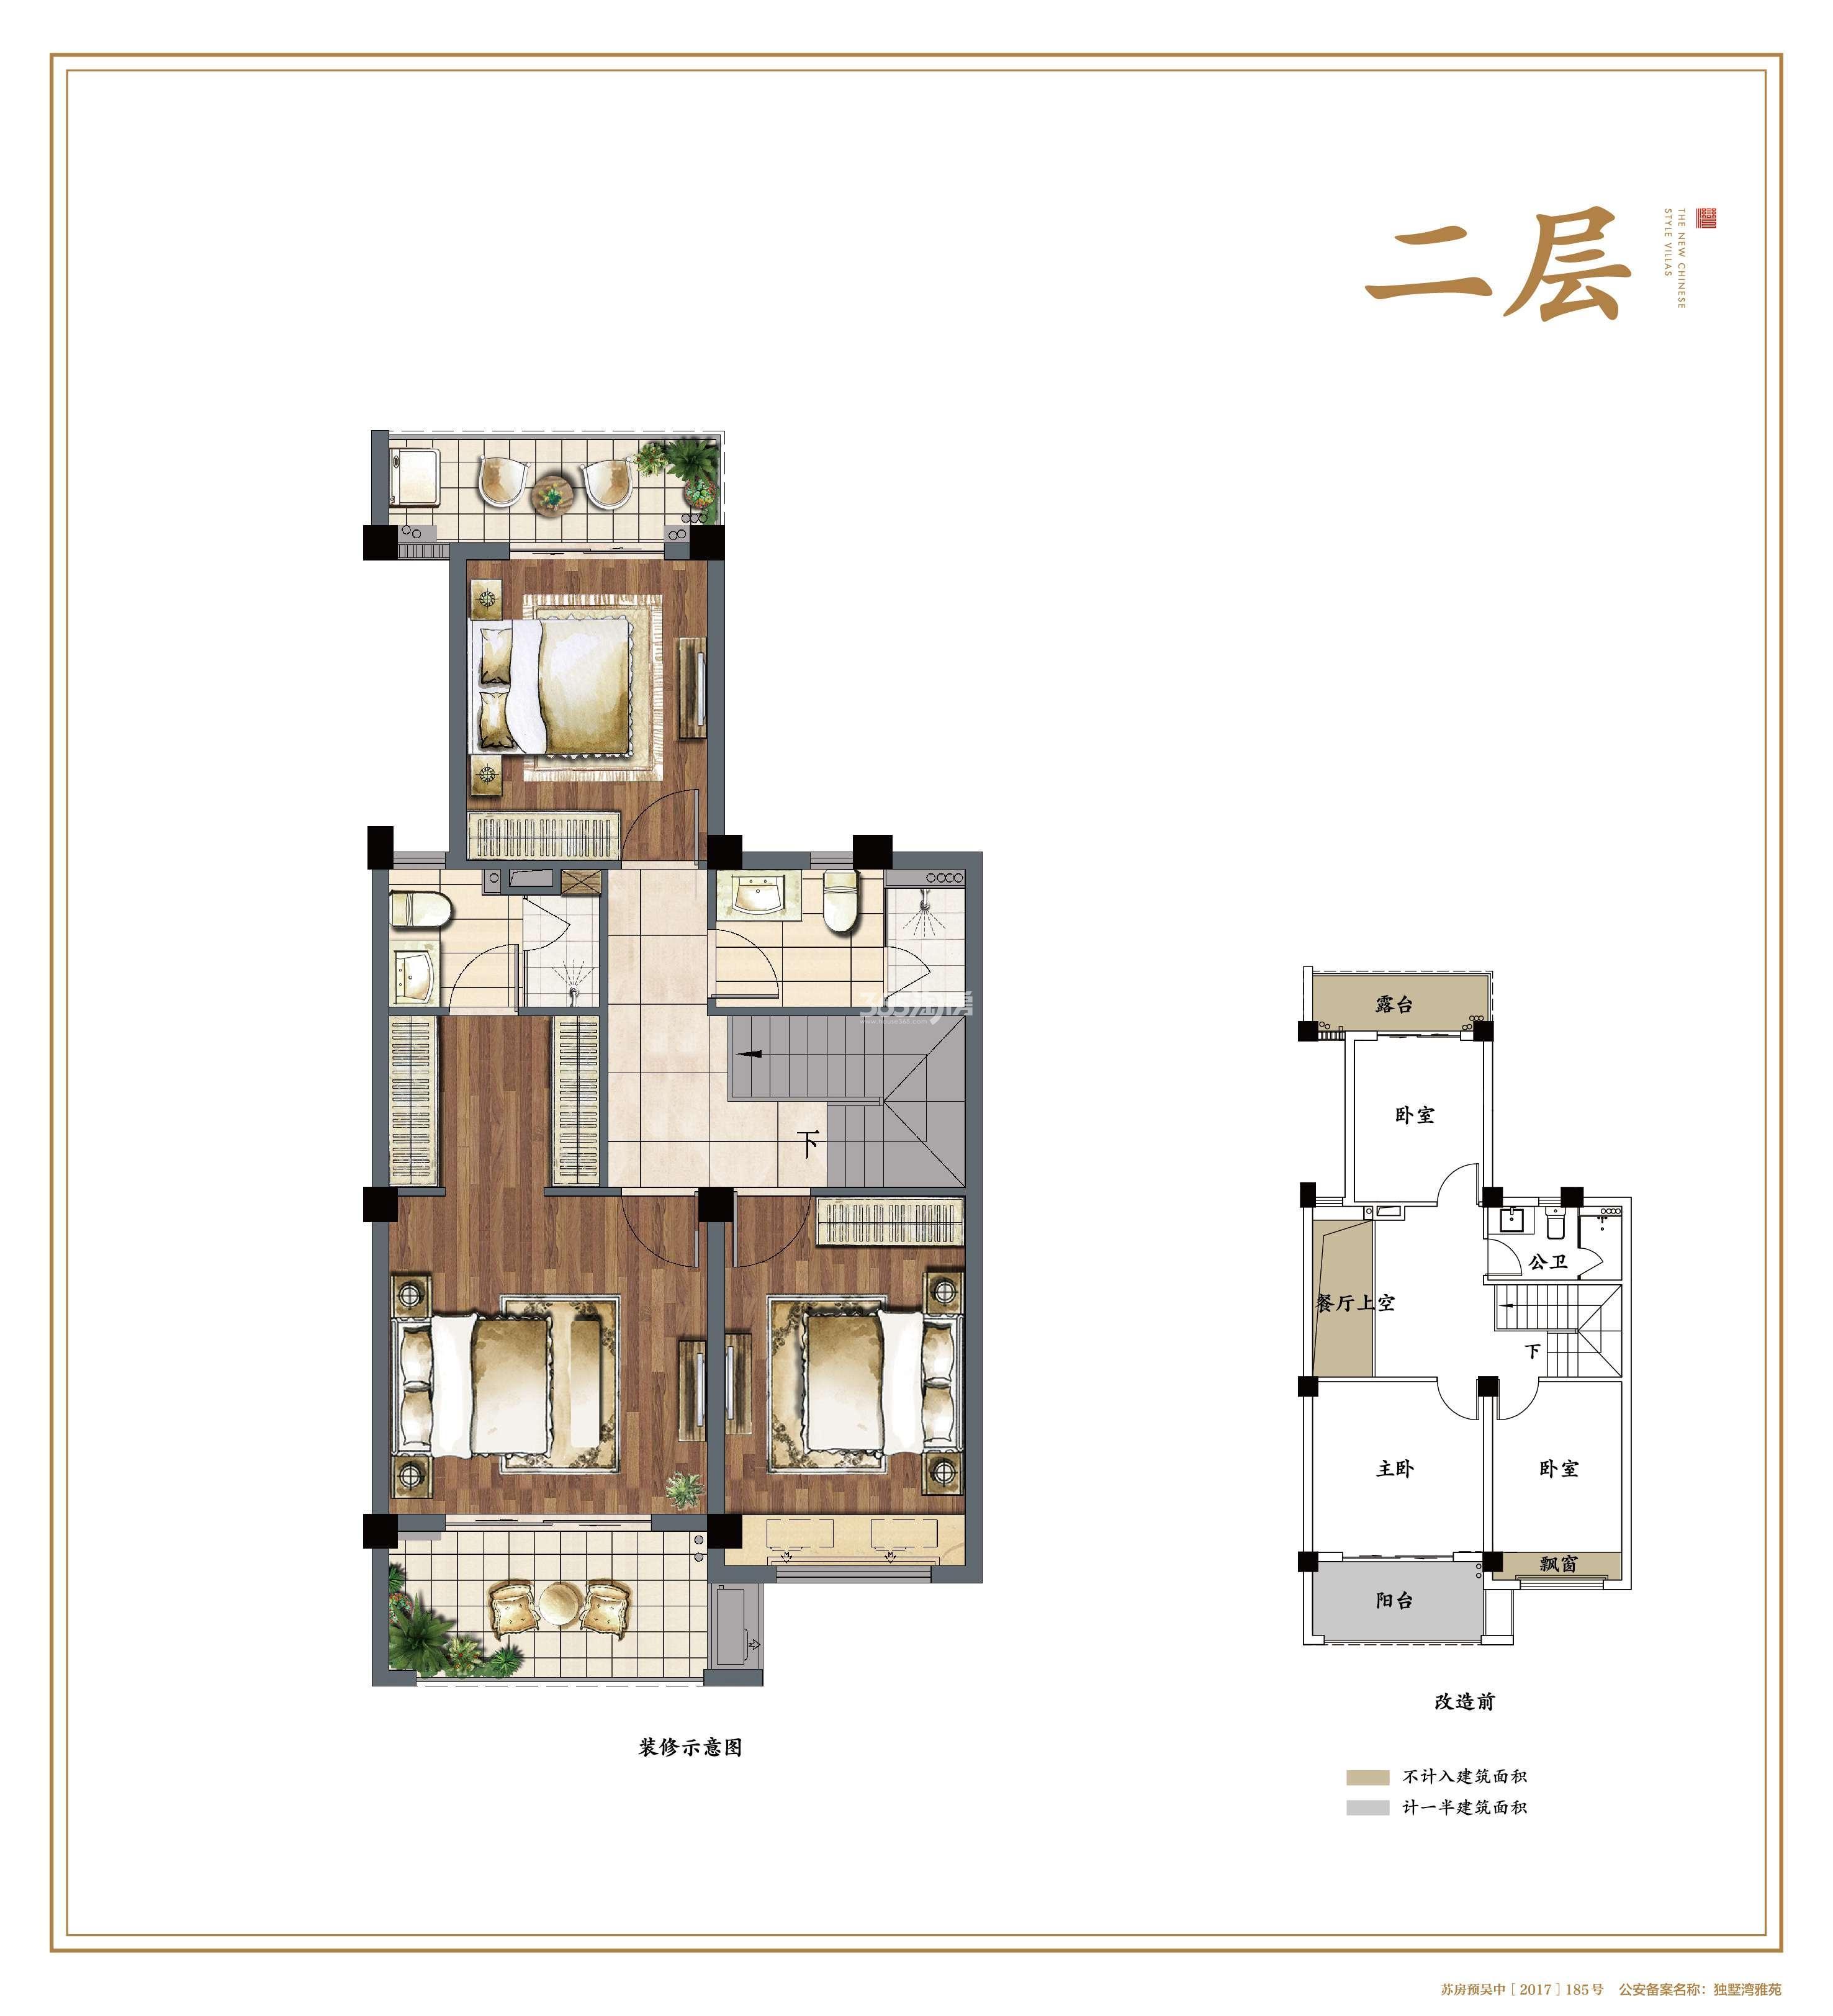 建发独墅湾竖厅T2下叠205平